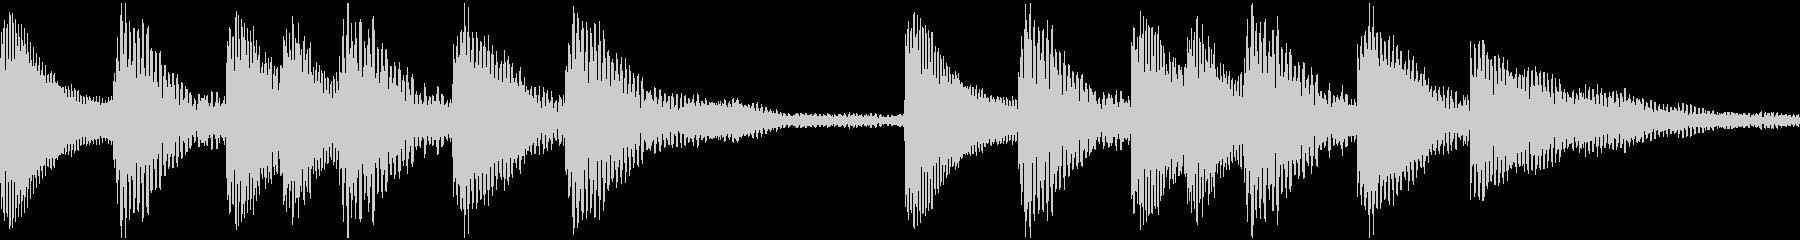 通知着信音マリンバジングル1(ループ)の未再生の波形